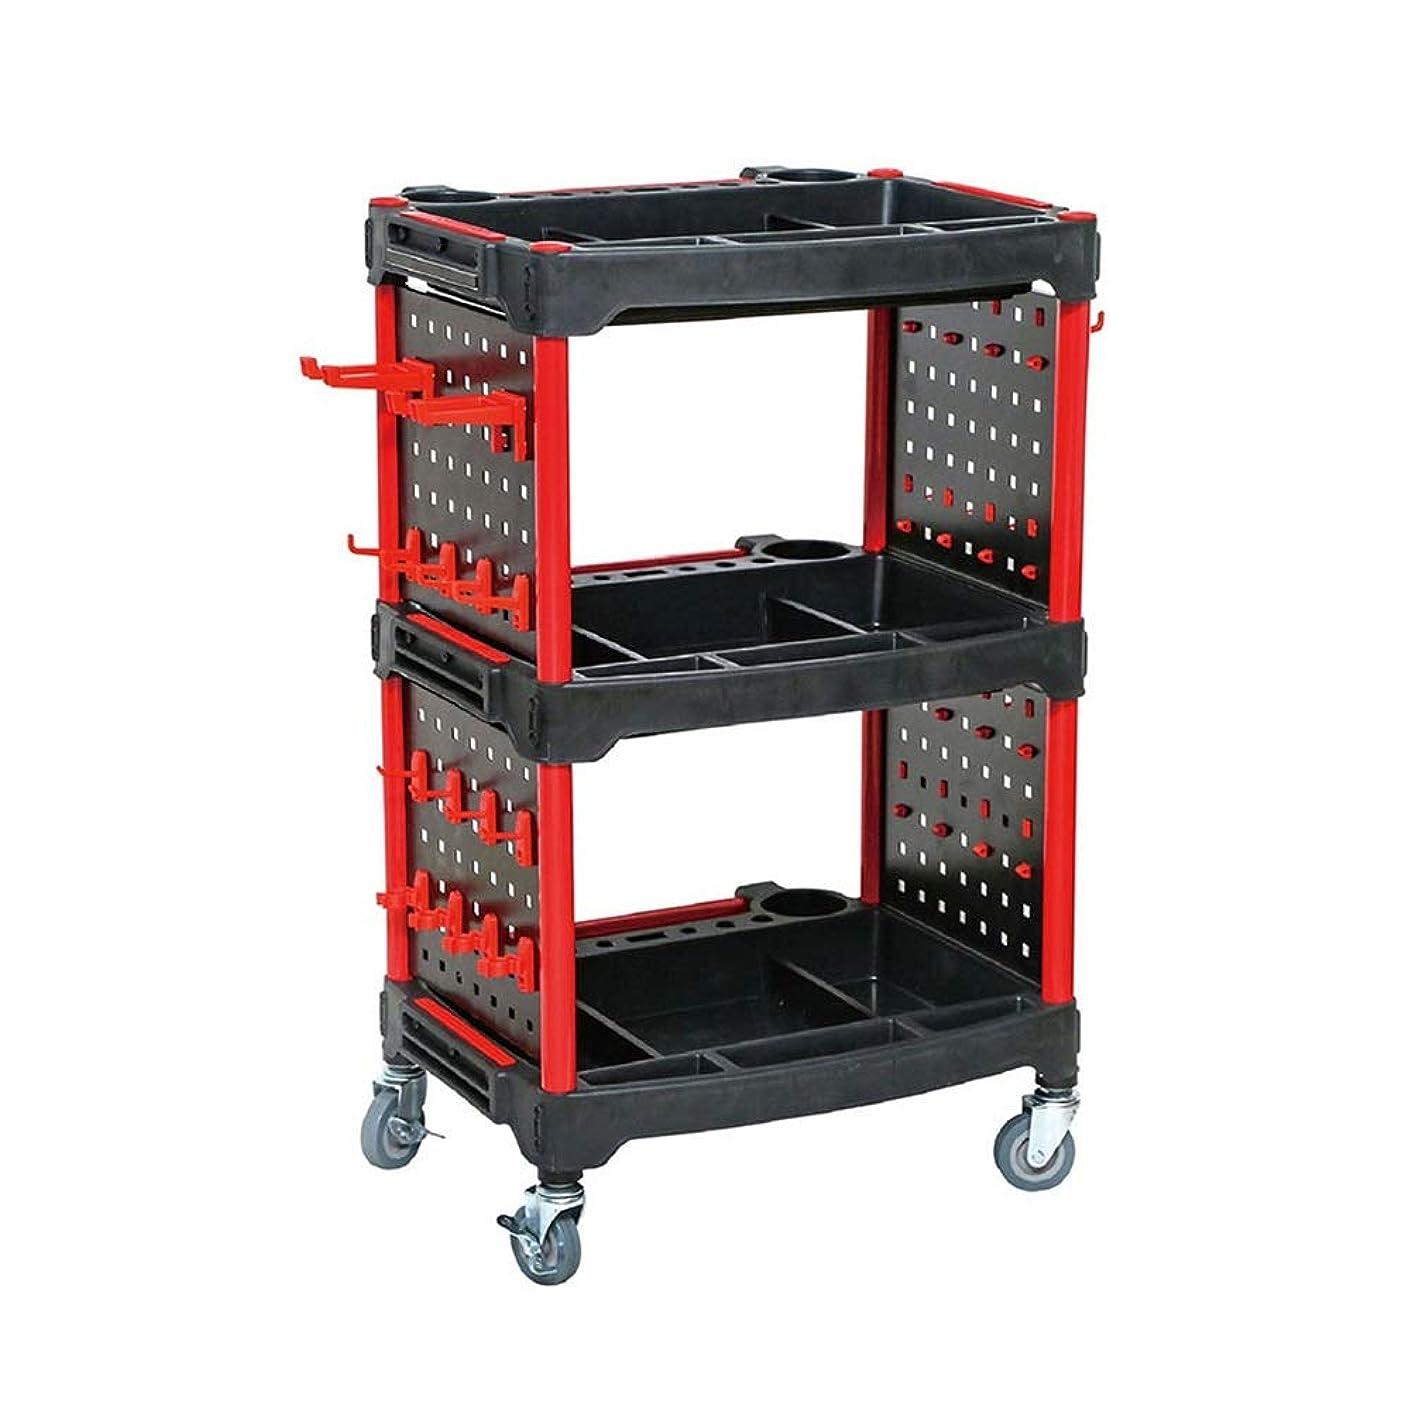 予見するサーキットに行く炭水化物ホイール付き3シェルフサービスカートとツールハンギングボードワークショップトロリープラスチックツールカート 作業カート (Color : Black, Size : 57x42x100cm)